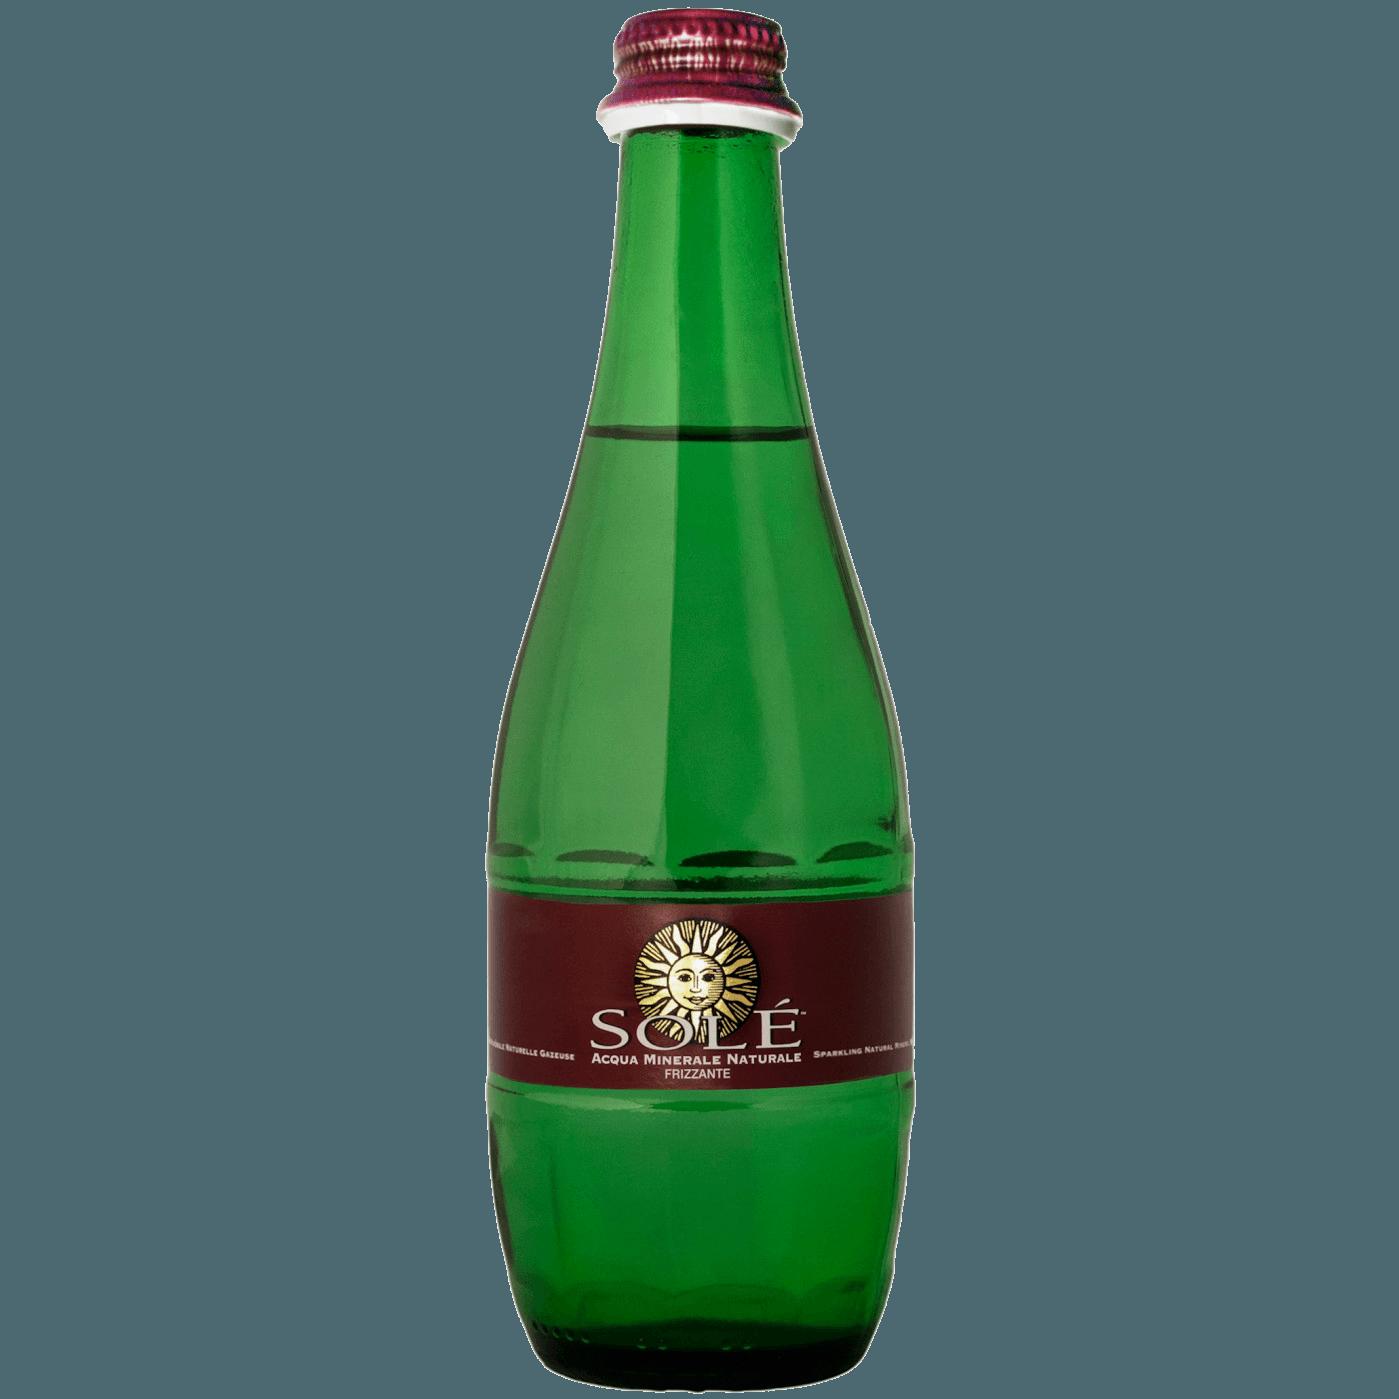 """Природная минеральная вода Sole """"Classic Still, Glass"""", (газированная), 0.33 л."""